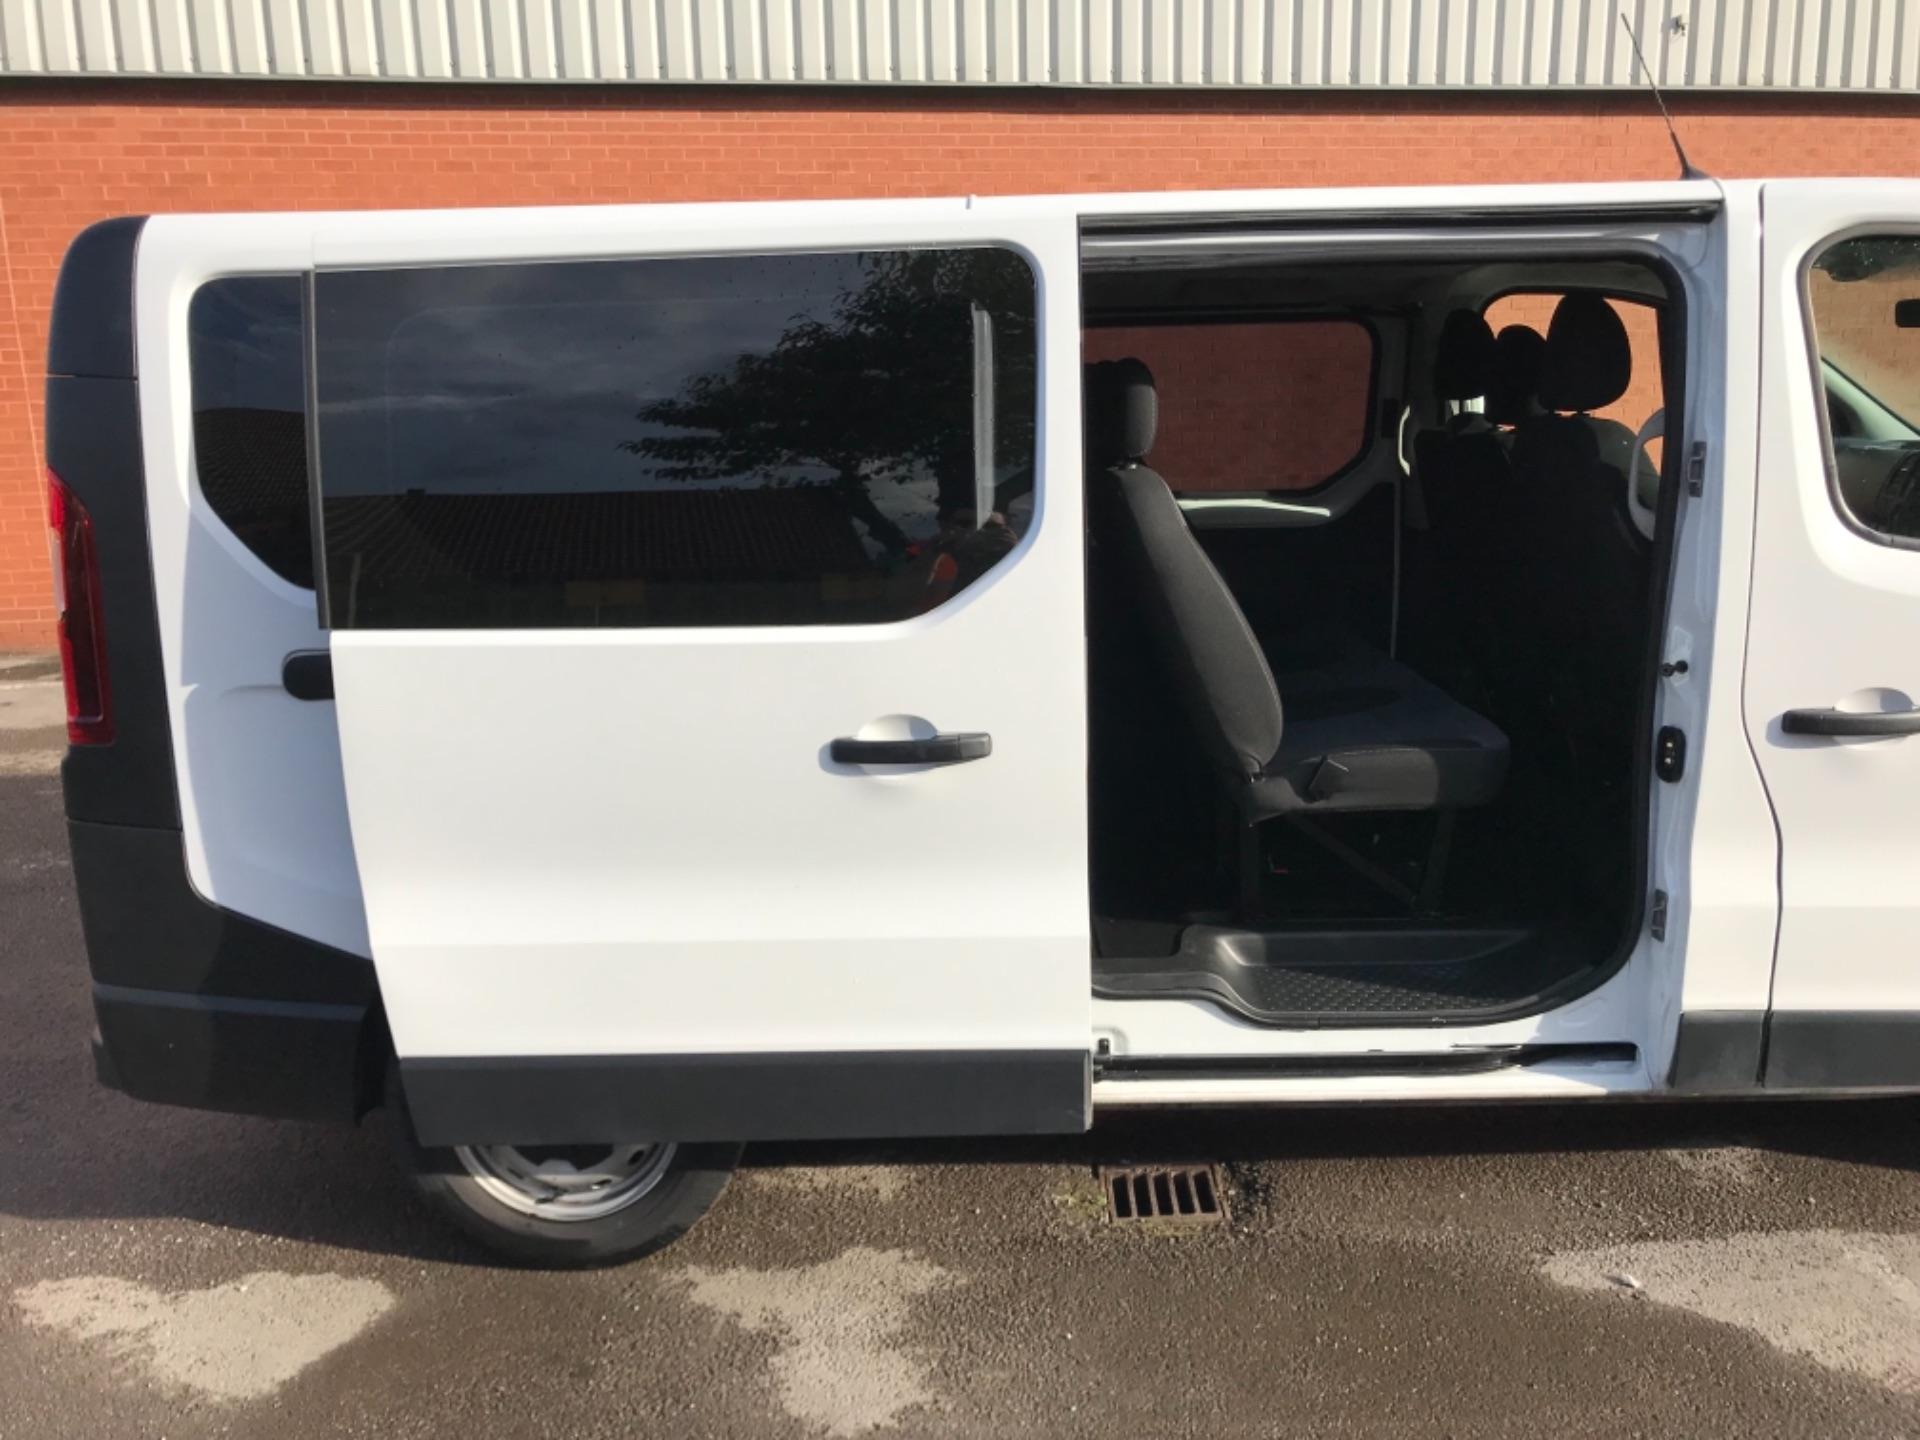 2017 Vauxhall Vivaro 2900 1.6Cdti Biturbo 125Ps H1 Combi 9 Seat EURO 6  (DY17USB) Image 27